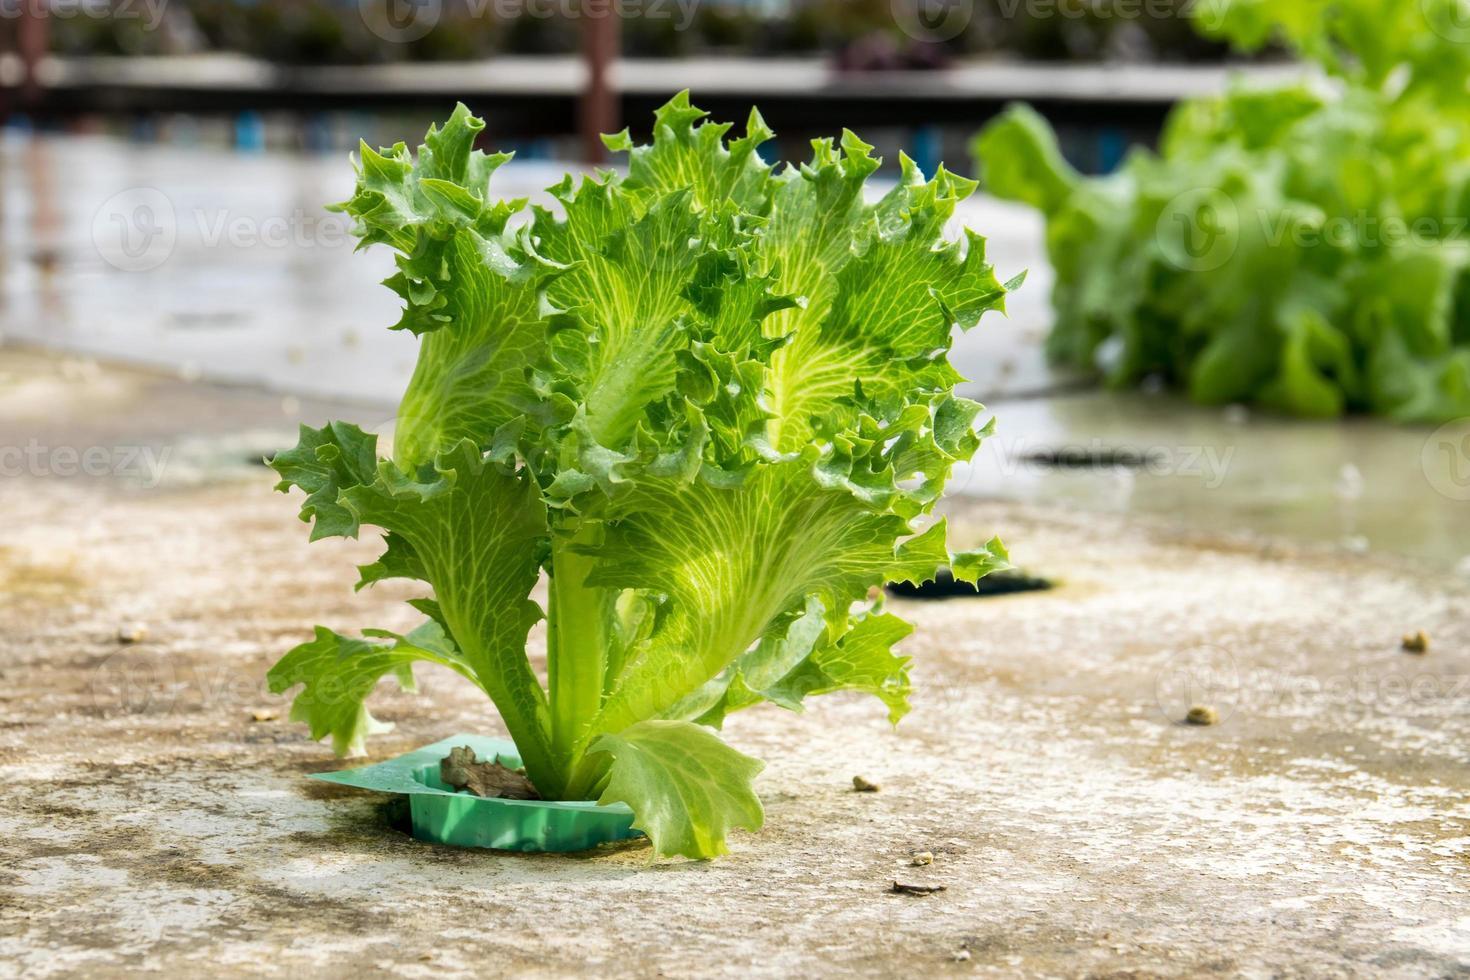 odling hydroponics grön grönsak i gården foto